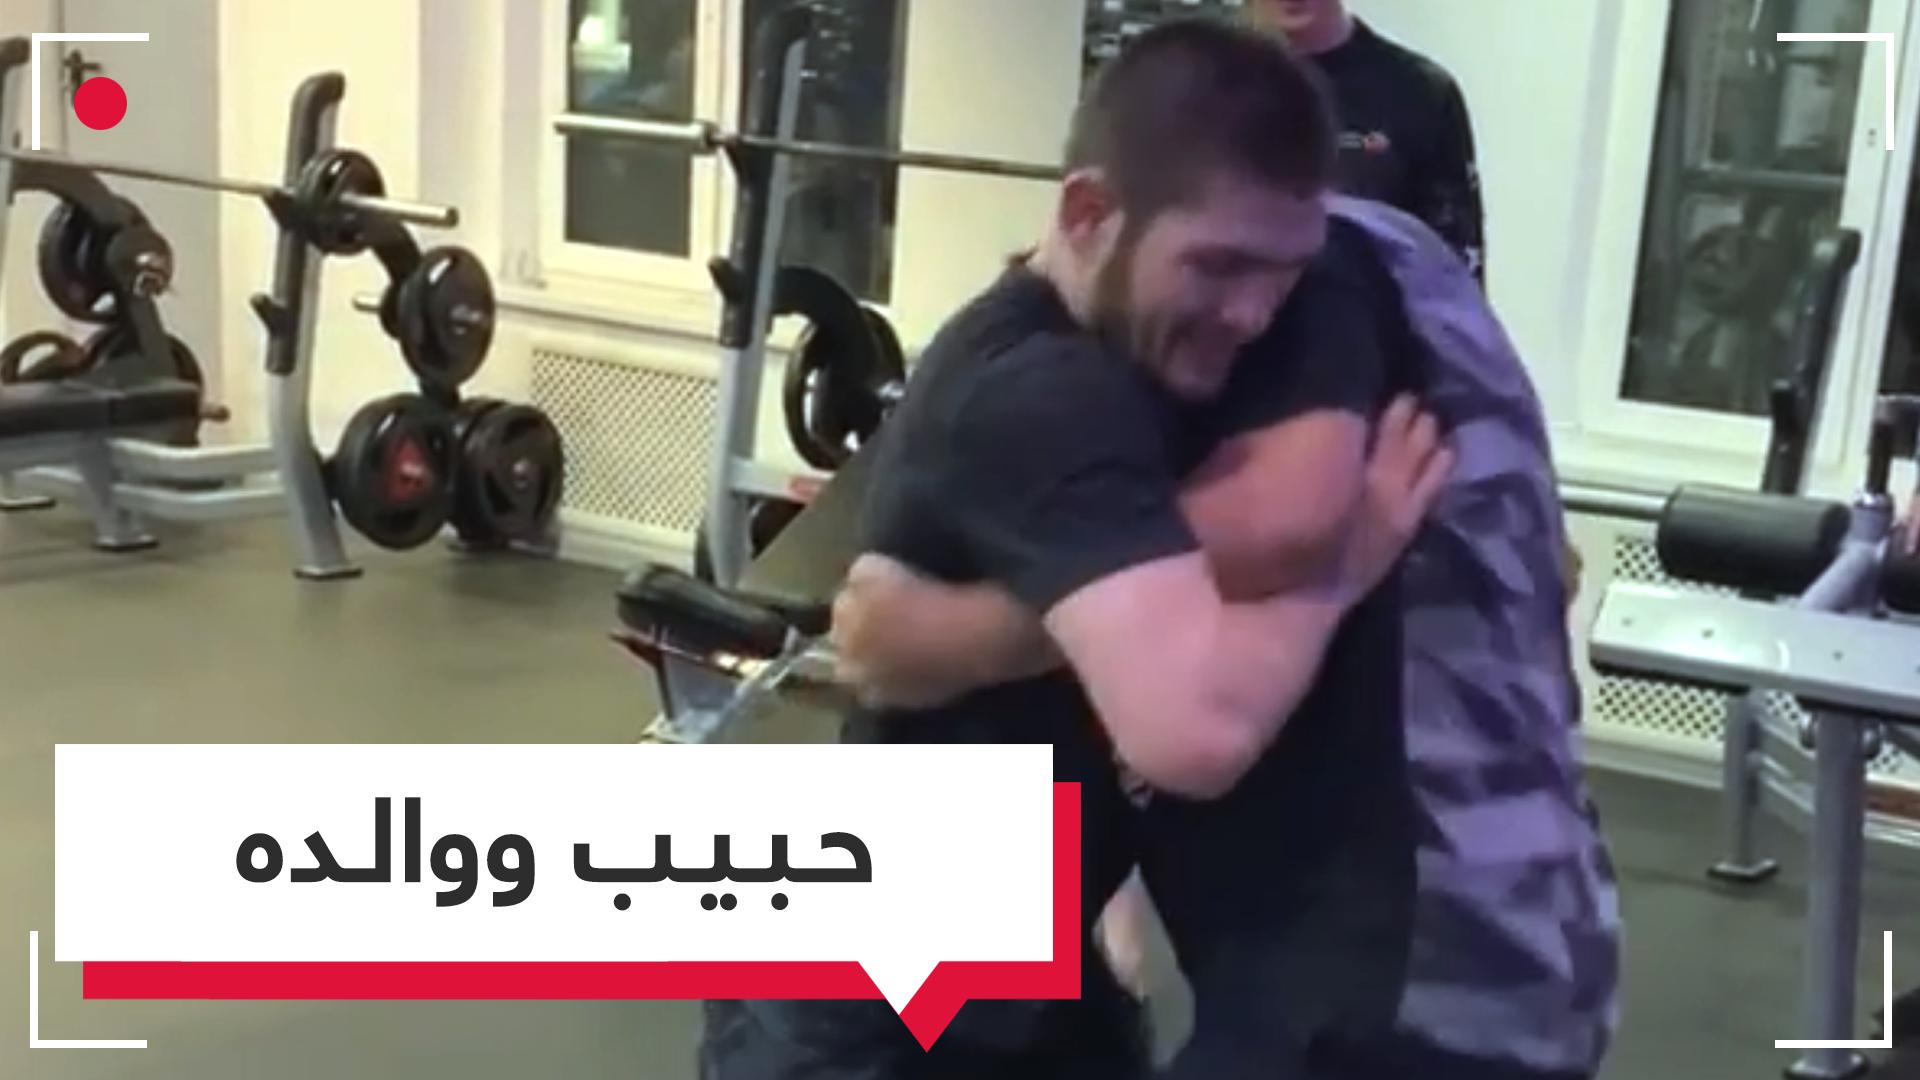 حبيب يصارع والده ومدربه ينشر الفيديو.. فمن الفائز؟